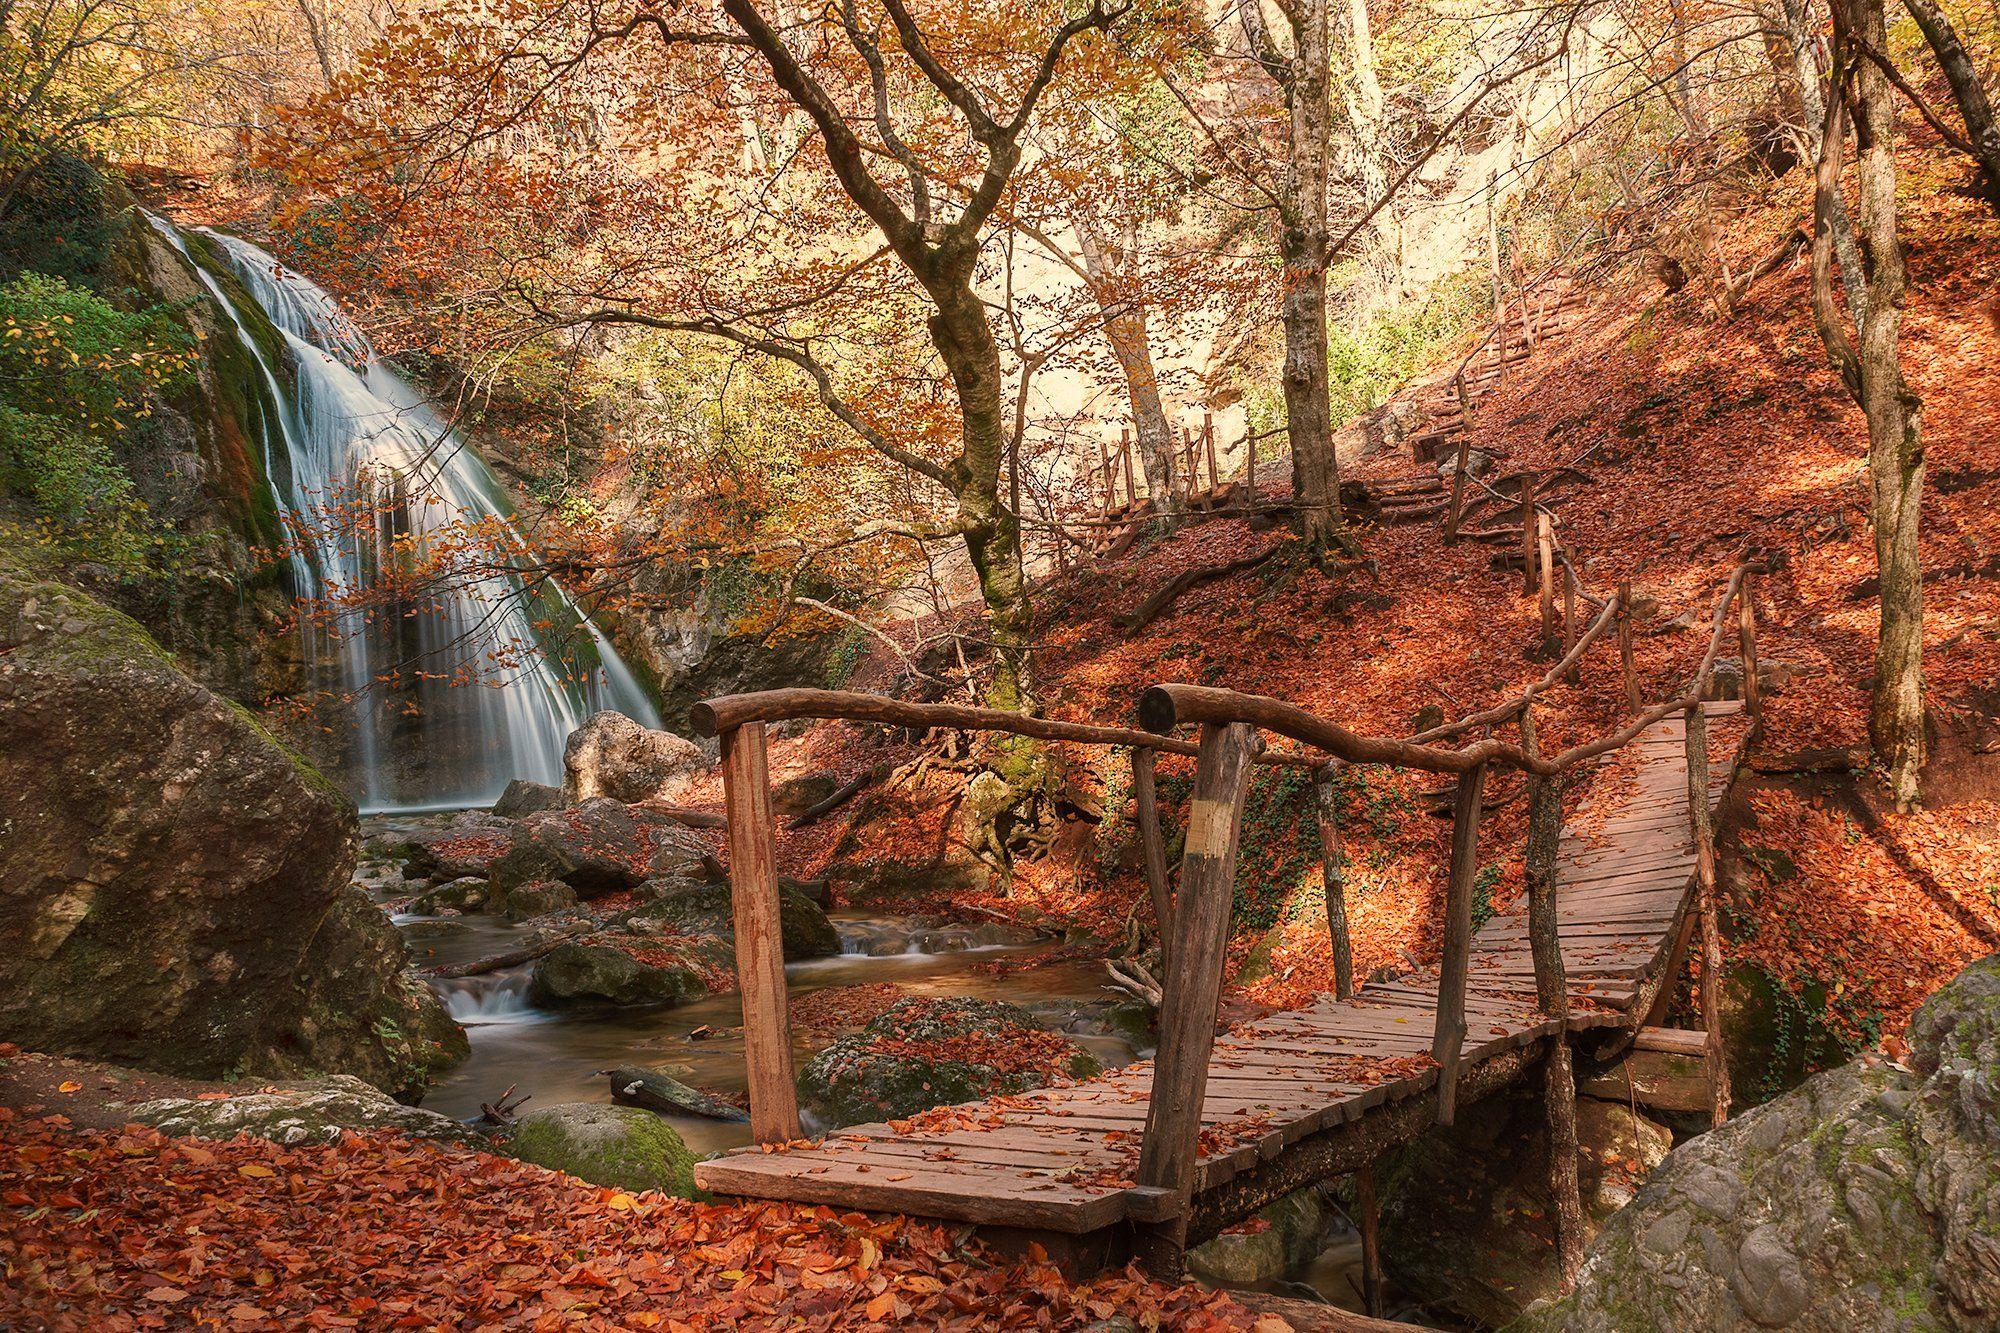 природа, пейзаж, водопад, Джур-Джур, Россия, Крым, осень, мост, камни, Лариса Николаевна